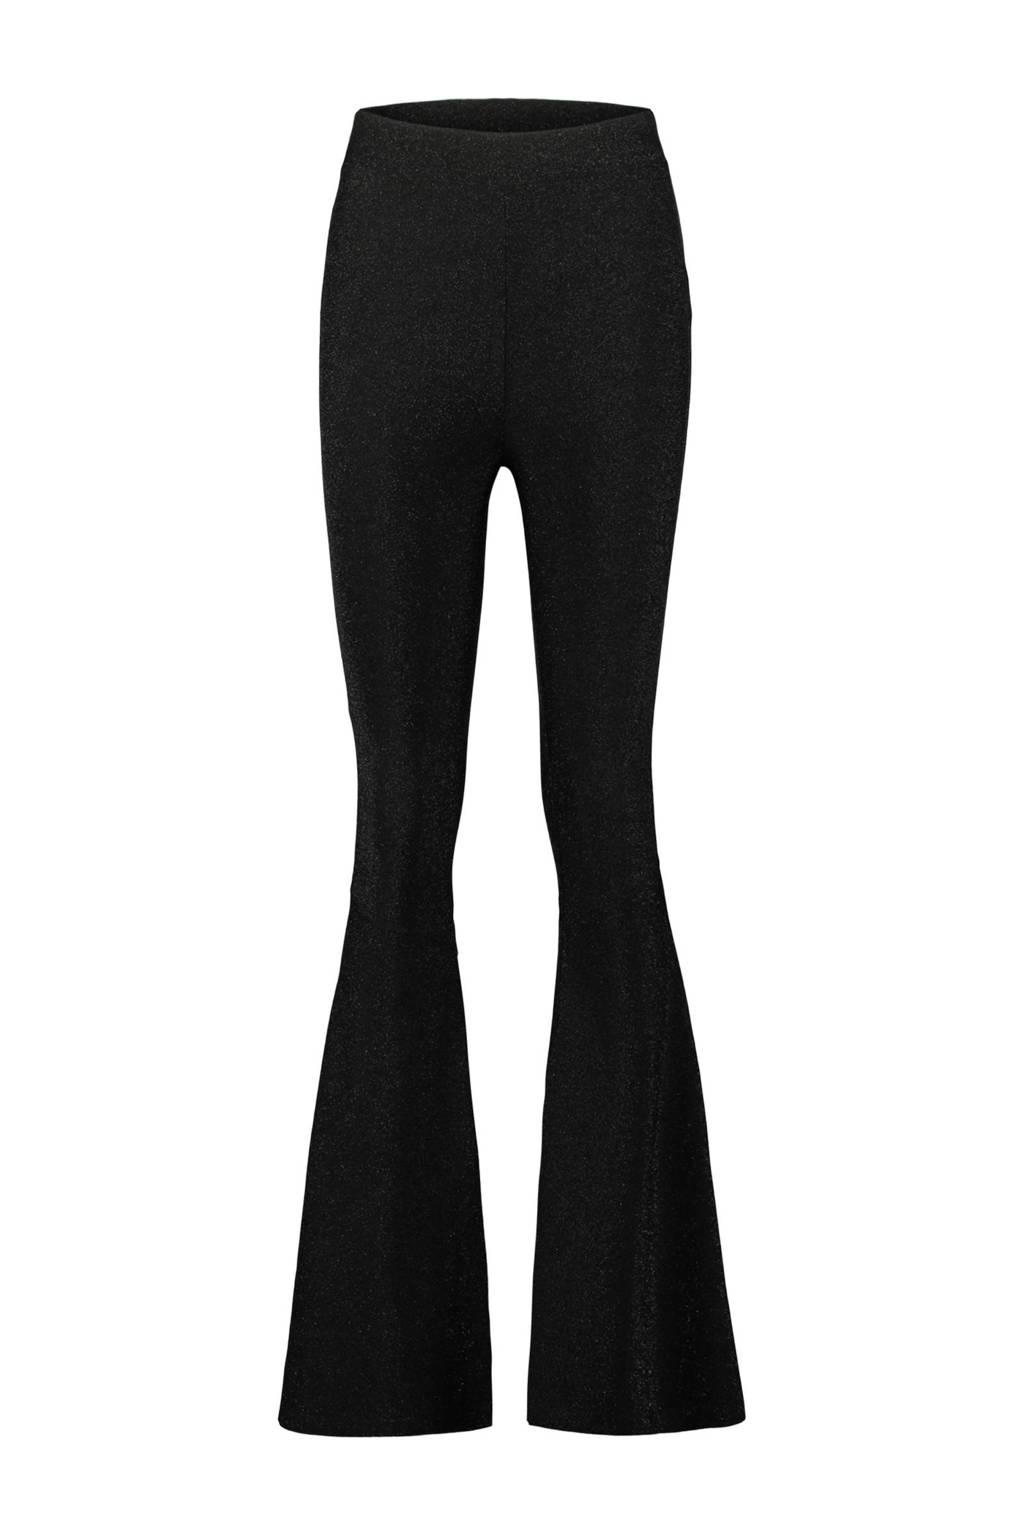 CoolCat high waist flared glitterbroek zwart, Zwart